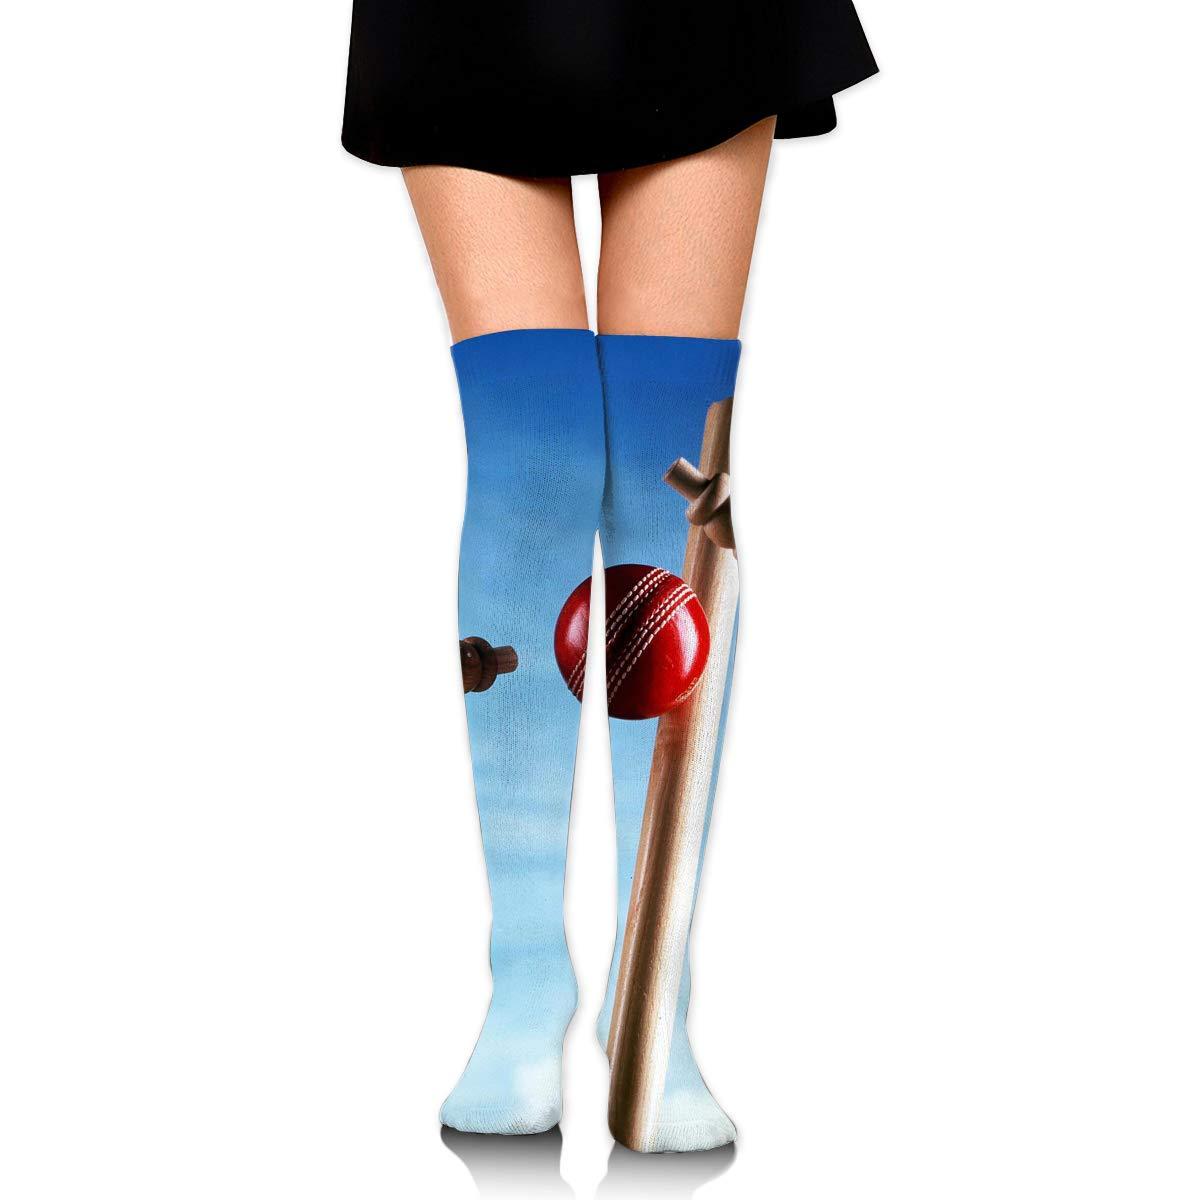 High Elasticity Girl Cotton Knee High Socks Uniform Red Cricket Women Tube Socks